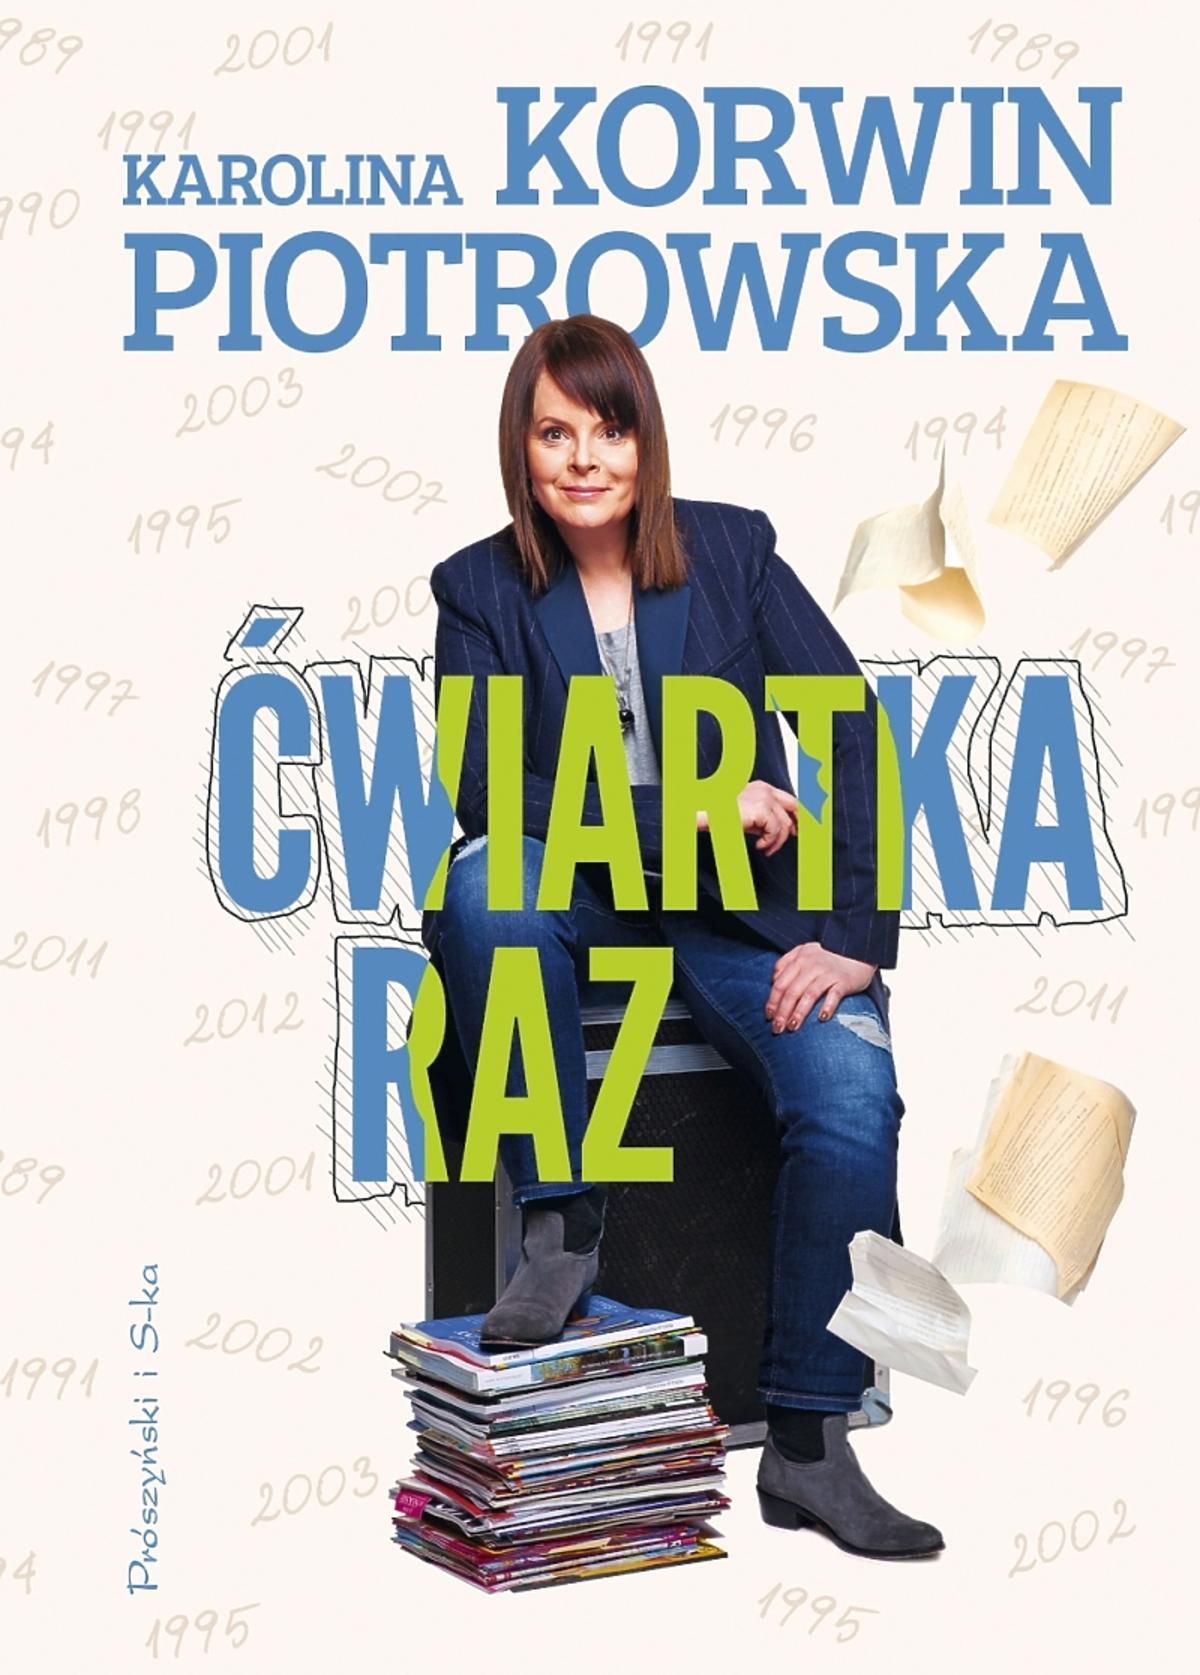 Karolina Korwin Piotrowska Ćwiartka Raz